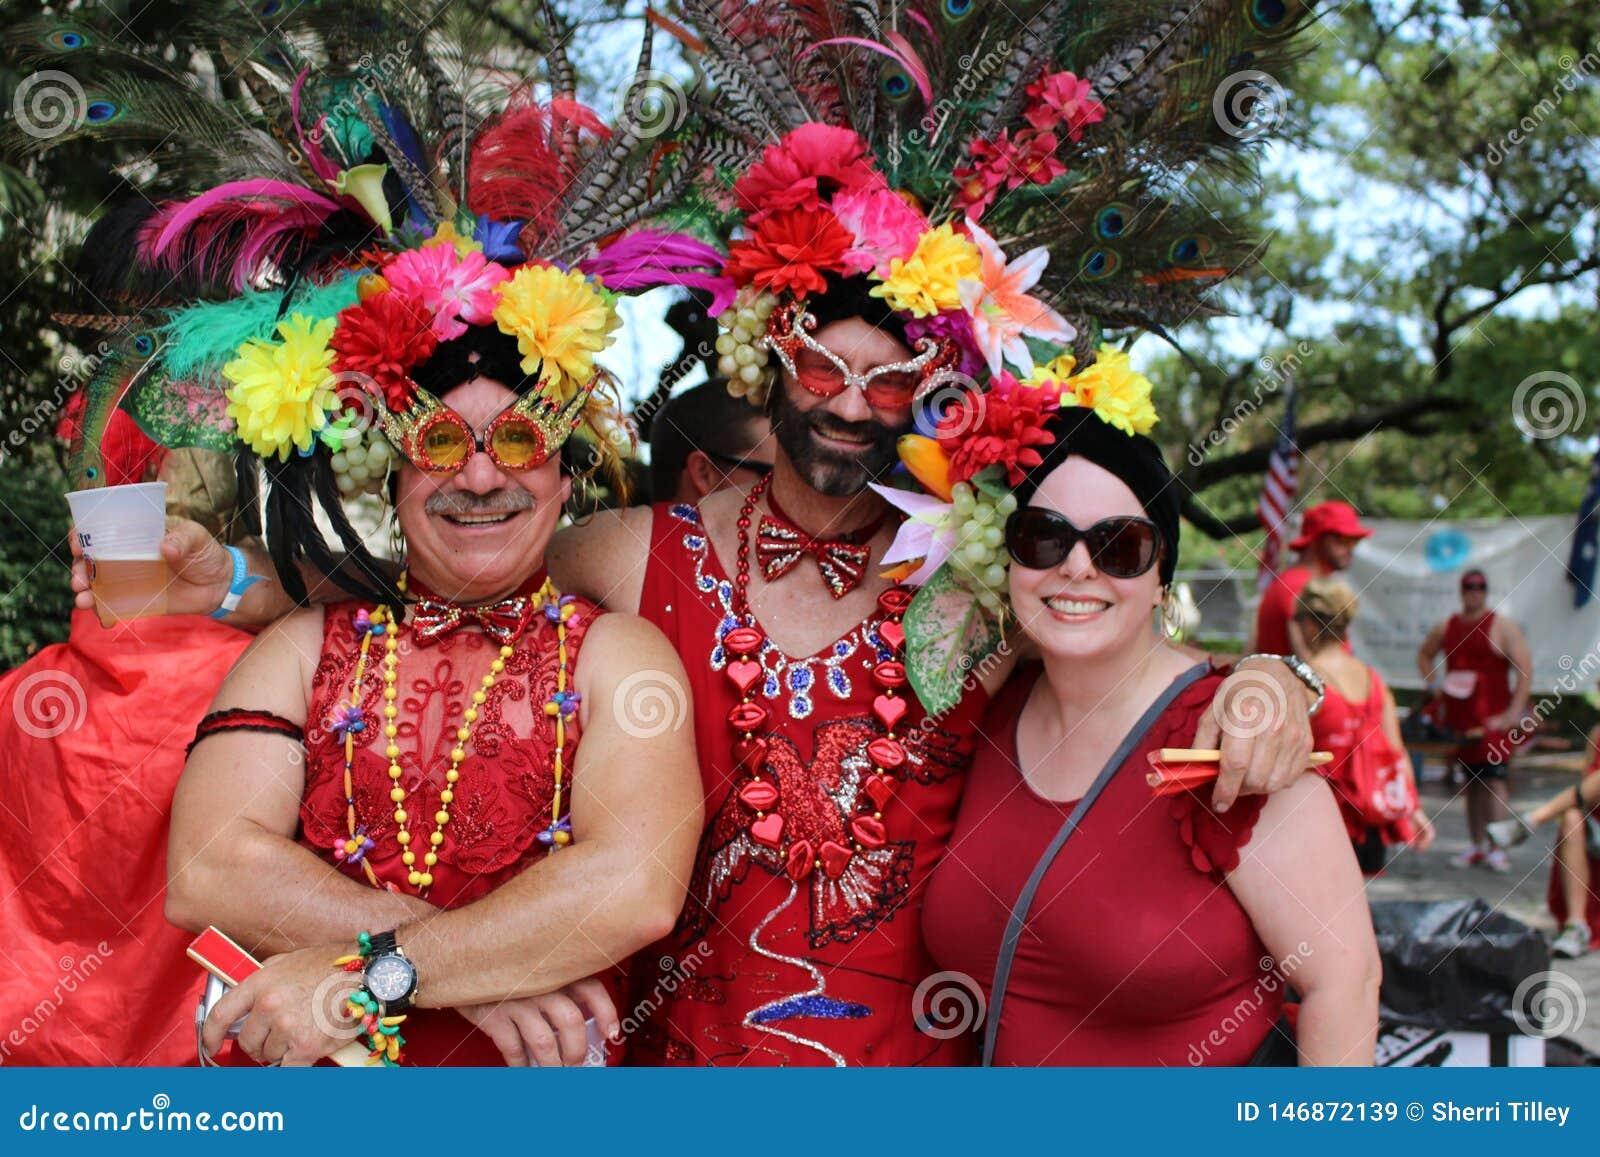 Ντυμένοι με κοστούμι άνθρωποι στο κόκκινο φόρεμα που οργανώνεται στη γαλλική συνοικία της Νέας Ορλεάνης